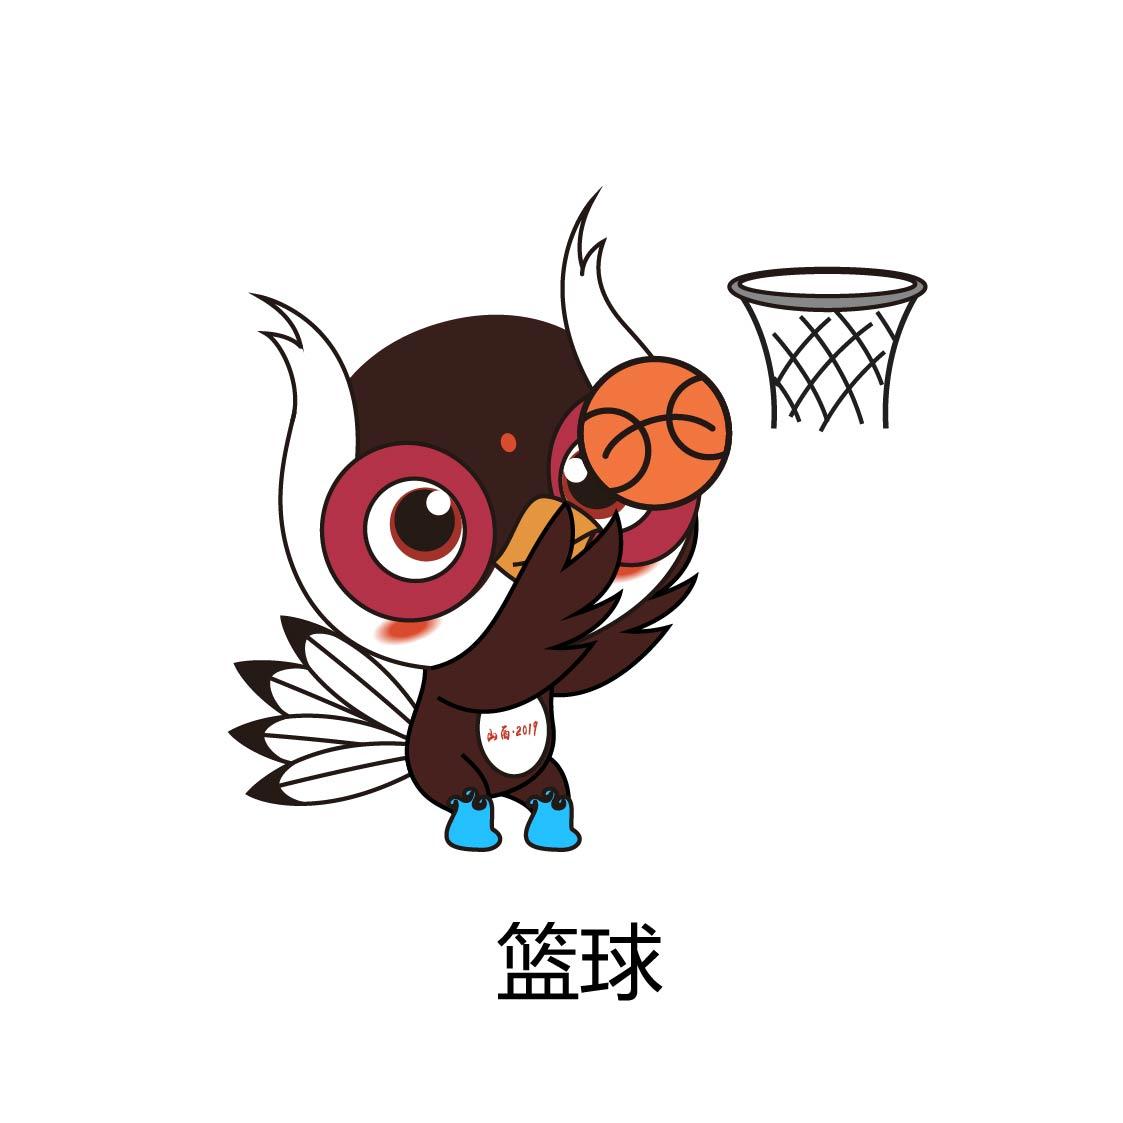 一青會上涌現出的籃球新星都去哪兒了?